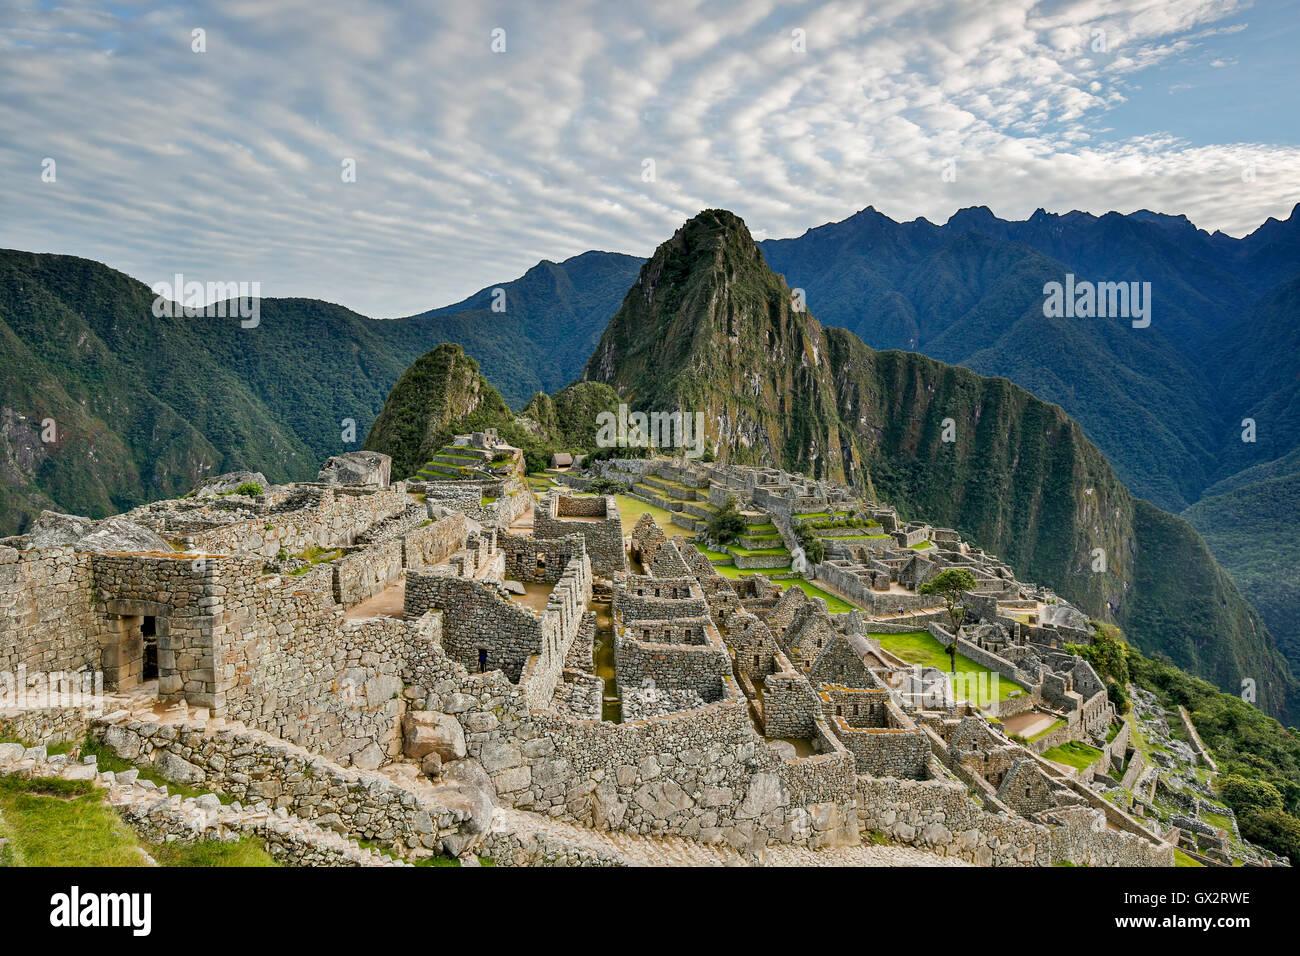 Ruines de Machu picchu, Cusco, Pérou Photo Stock